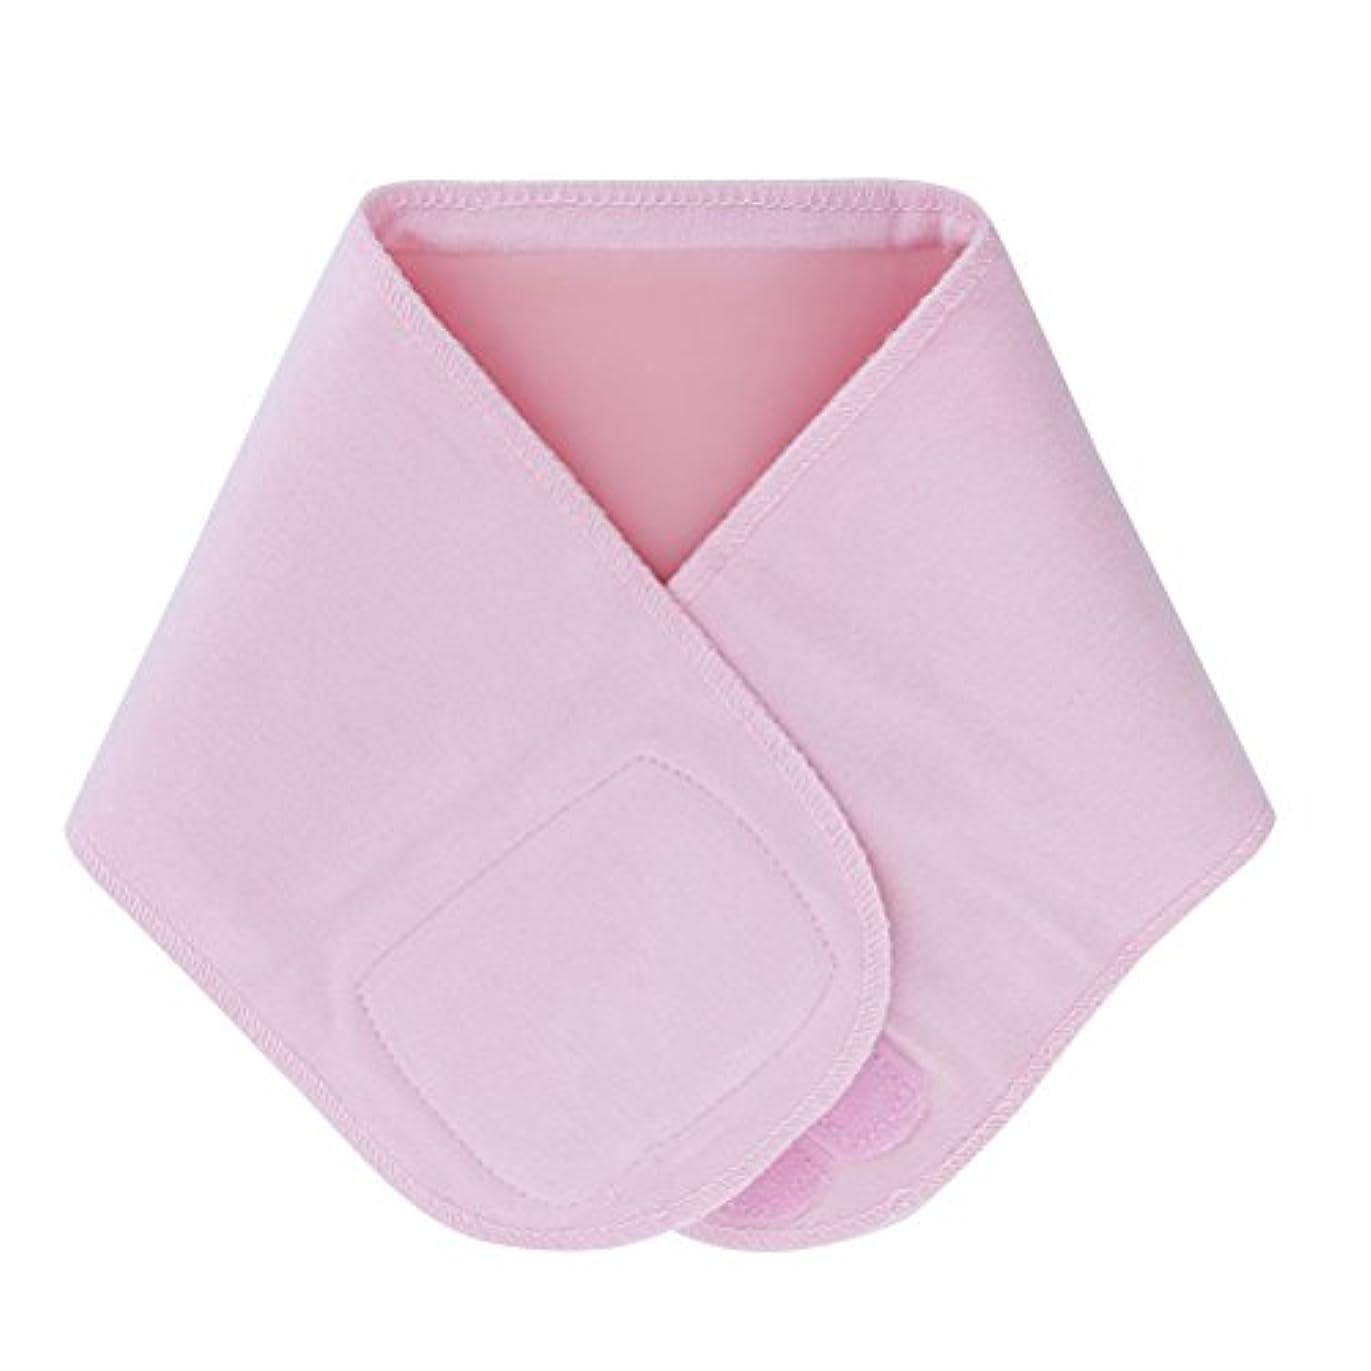 読者大理石素晴らしきLurrose ジェルネックラップ伸縮性保湿スムースホワイトニングネックスキンアンチリンクルカラー(ピンク)